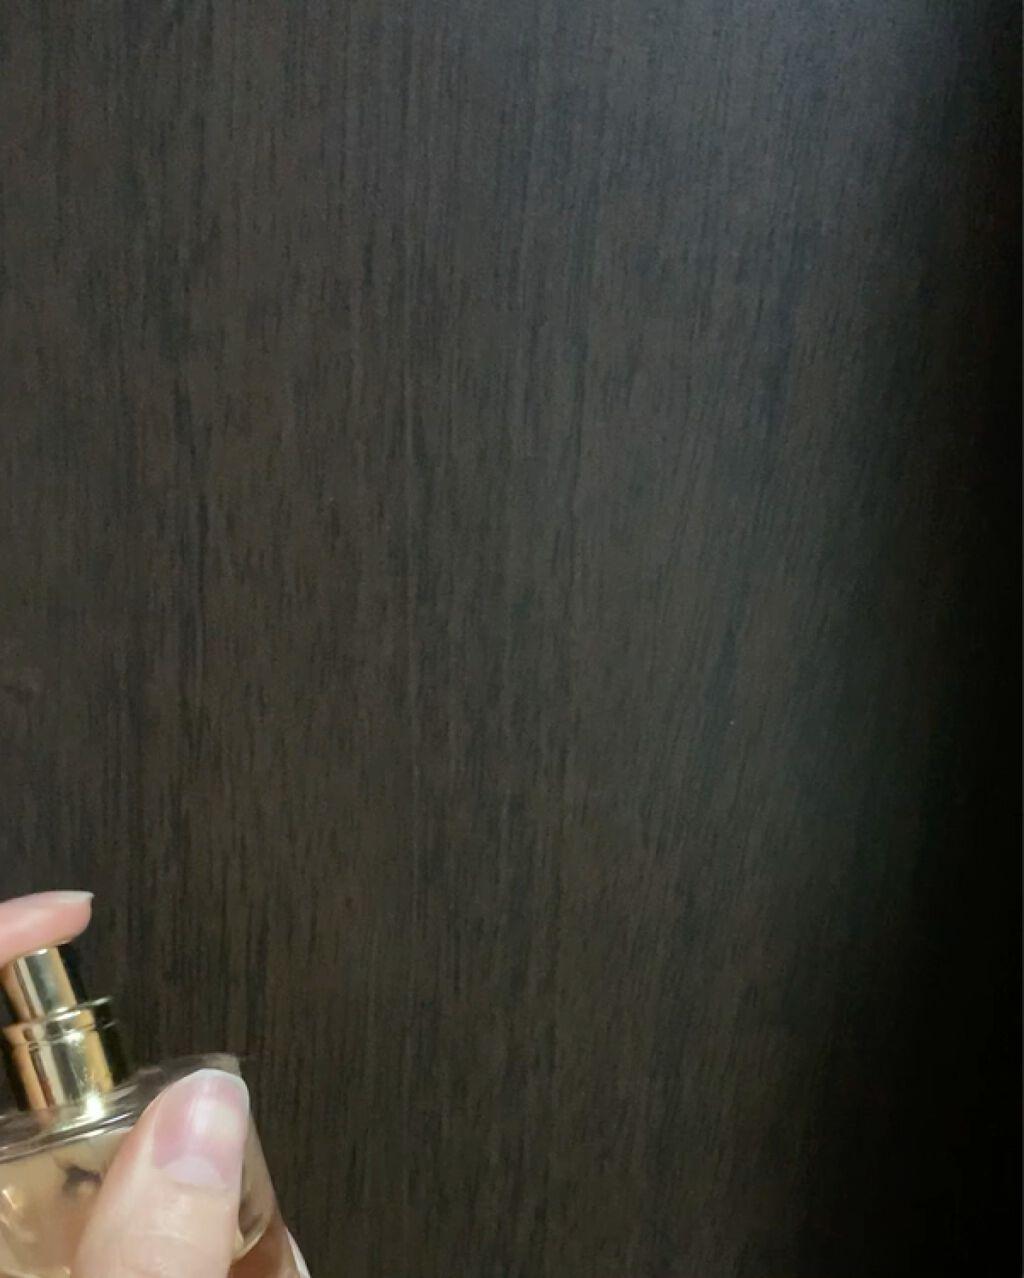 キャンディ ロー オーデトワレ/プラダ/香水(レディース)を使ったクチコミ(3枚目)